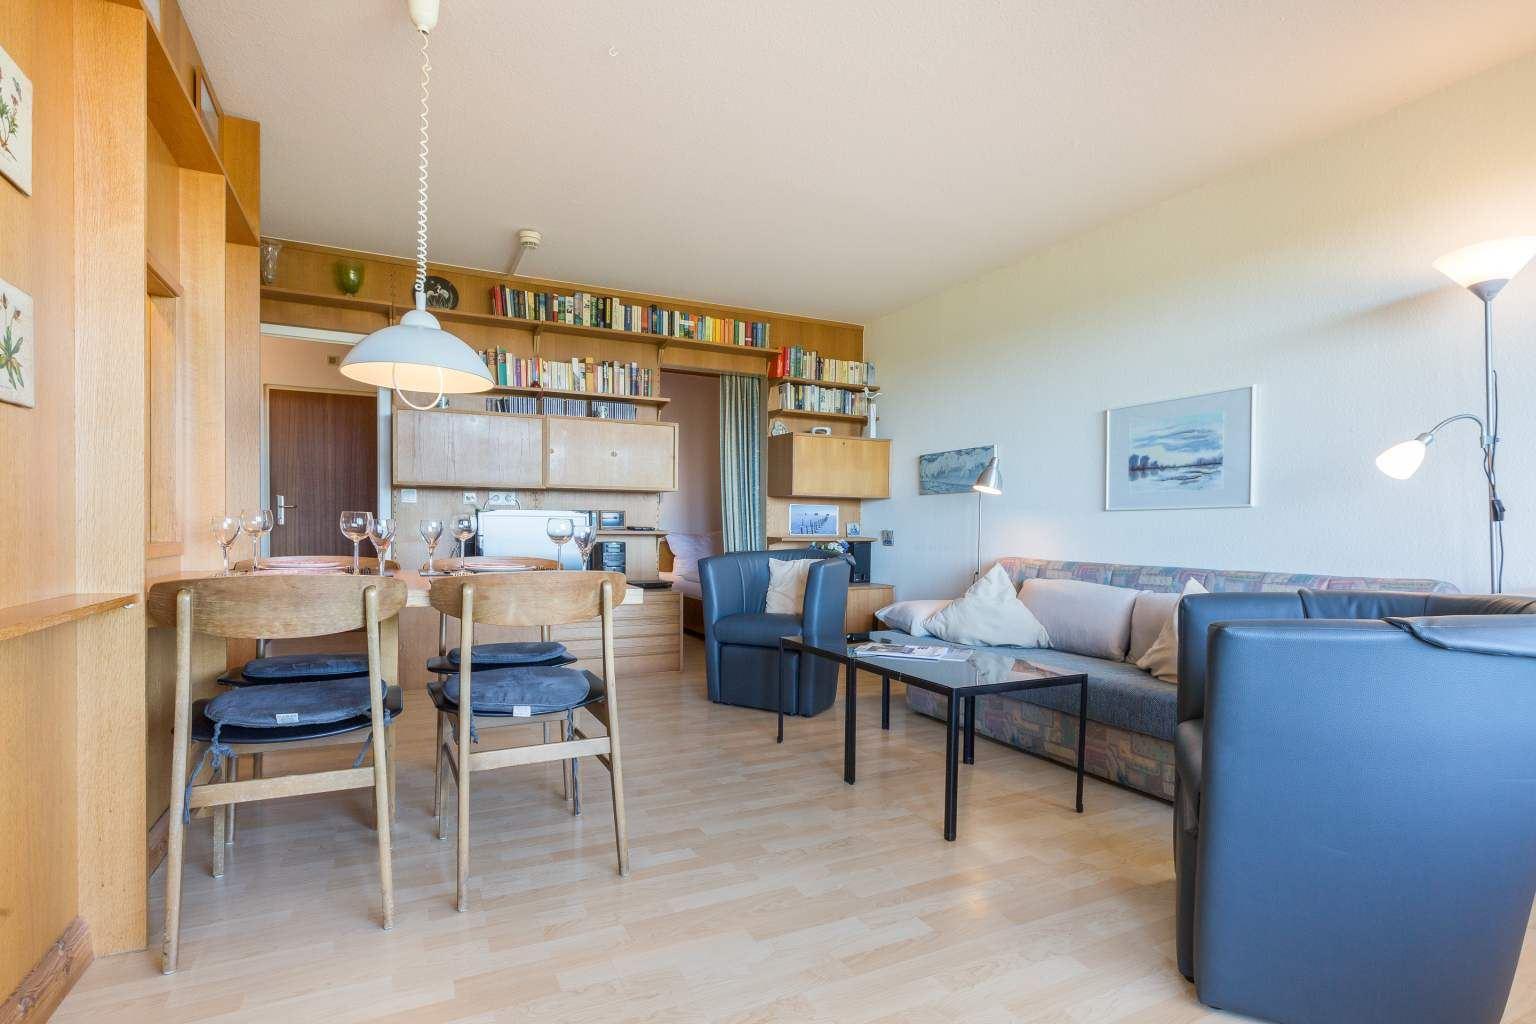 Wohnzimmer, Ferienwohnung Nr. 80, St Peter Ording Bad, Haus Atlantic,  Alter Badweg 11-15